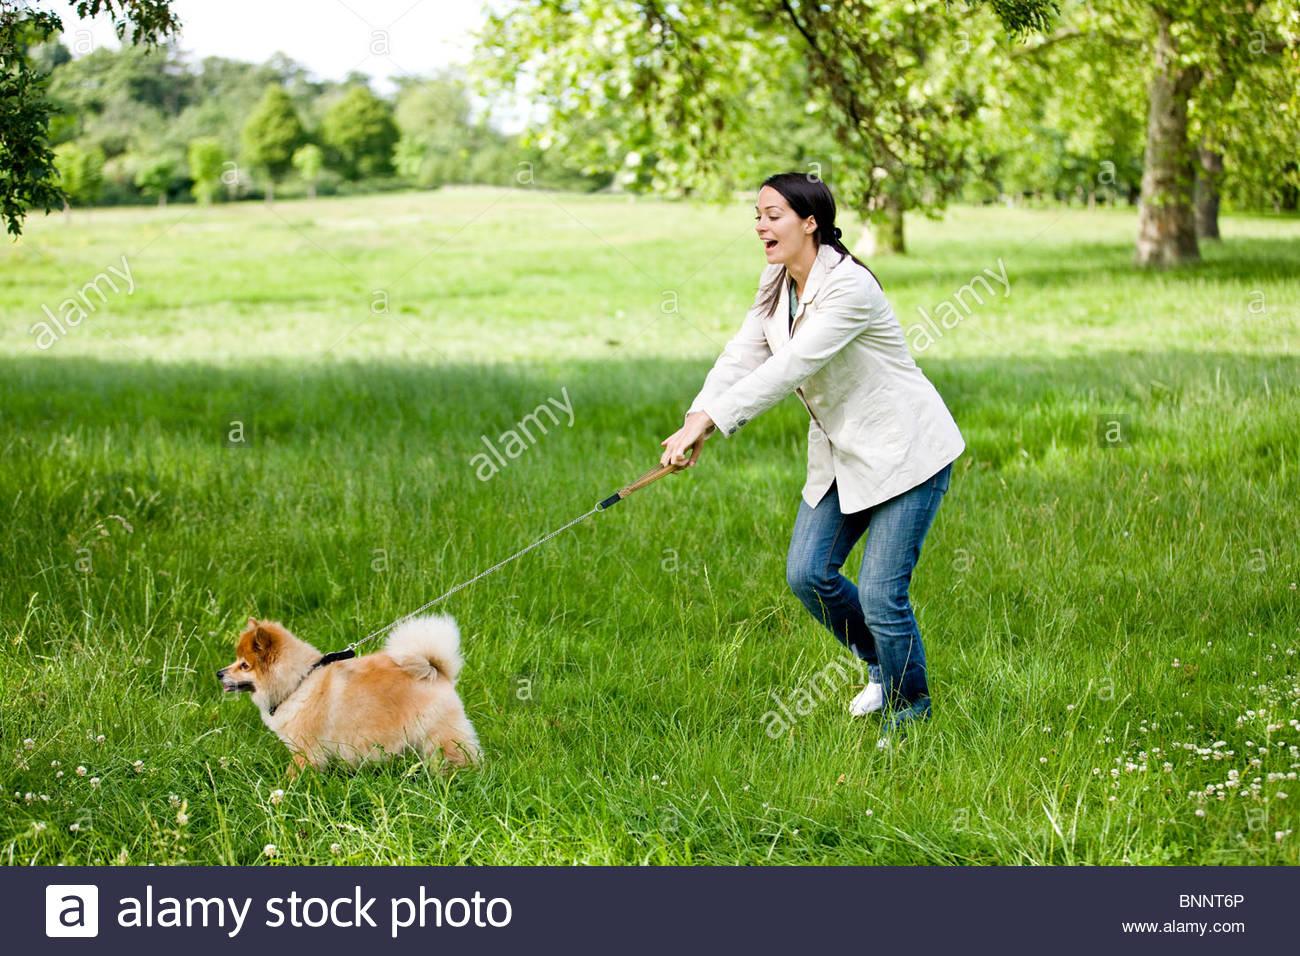 Eine junge Frau mit ihrem Hund entlang gezogen wird Stockbild